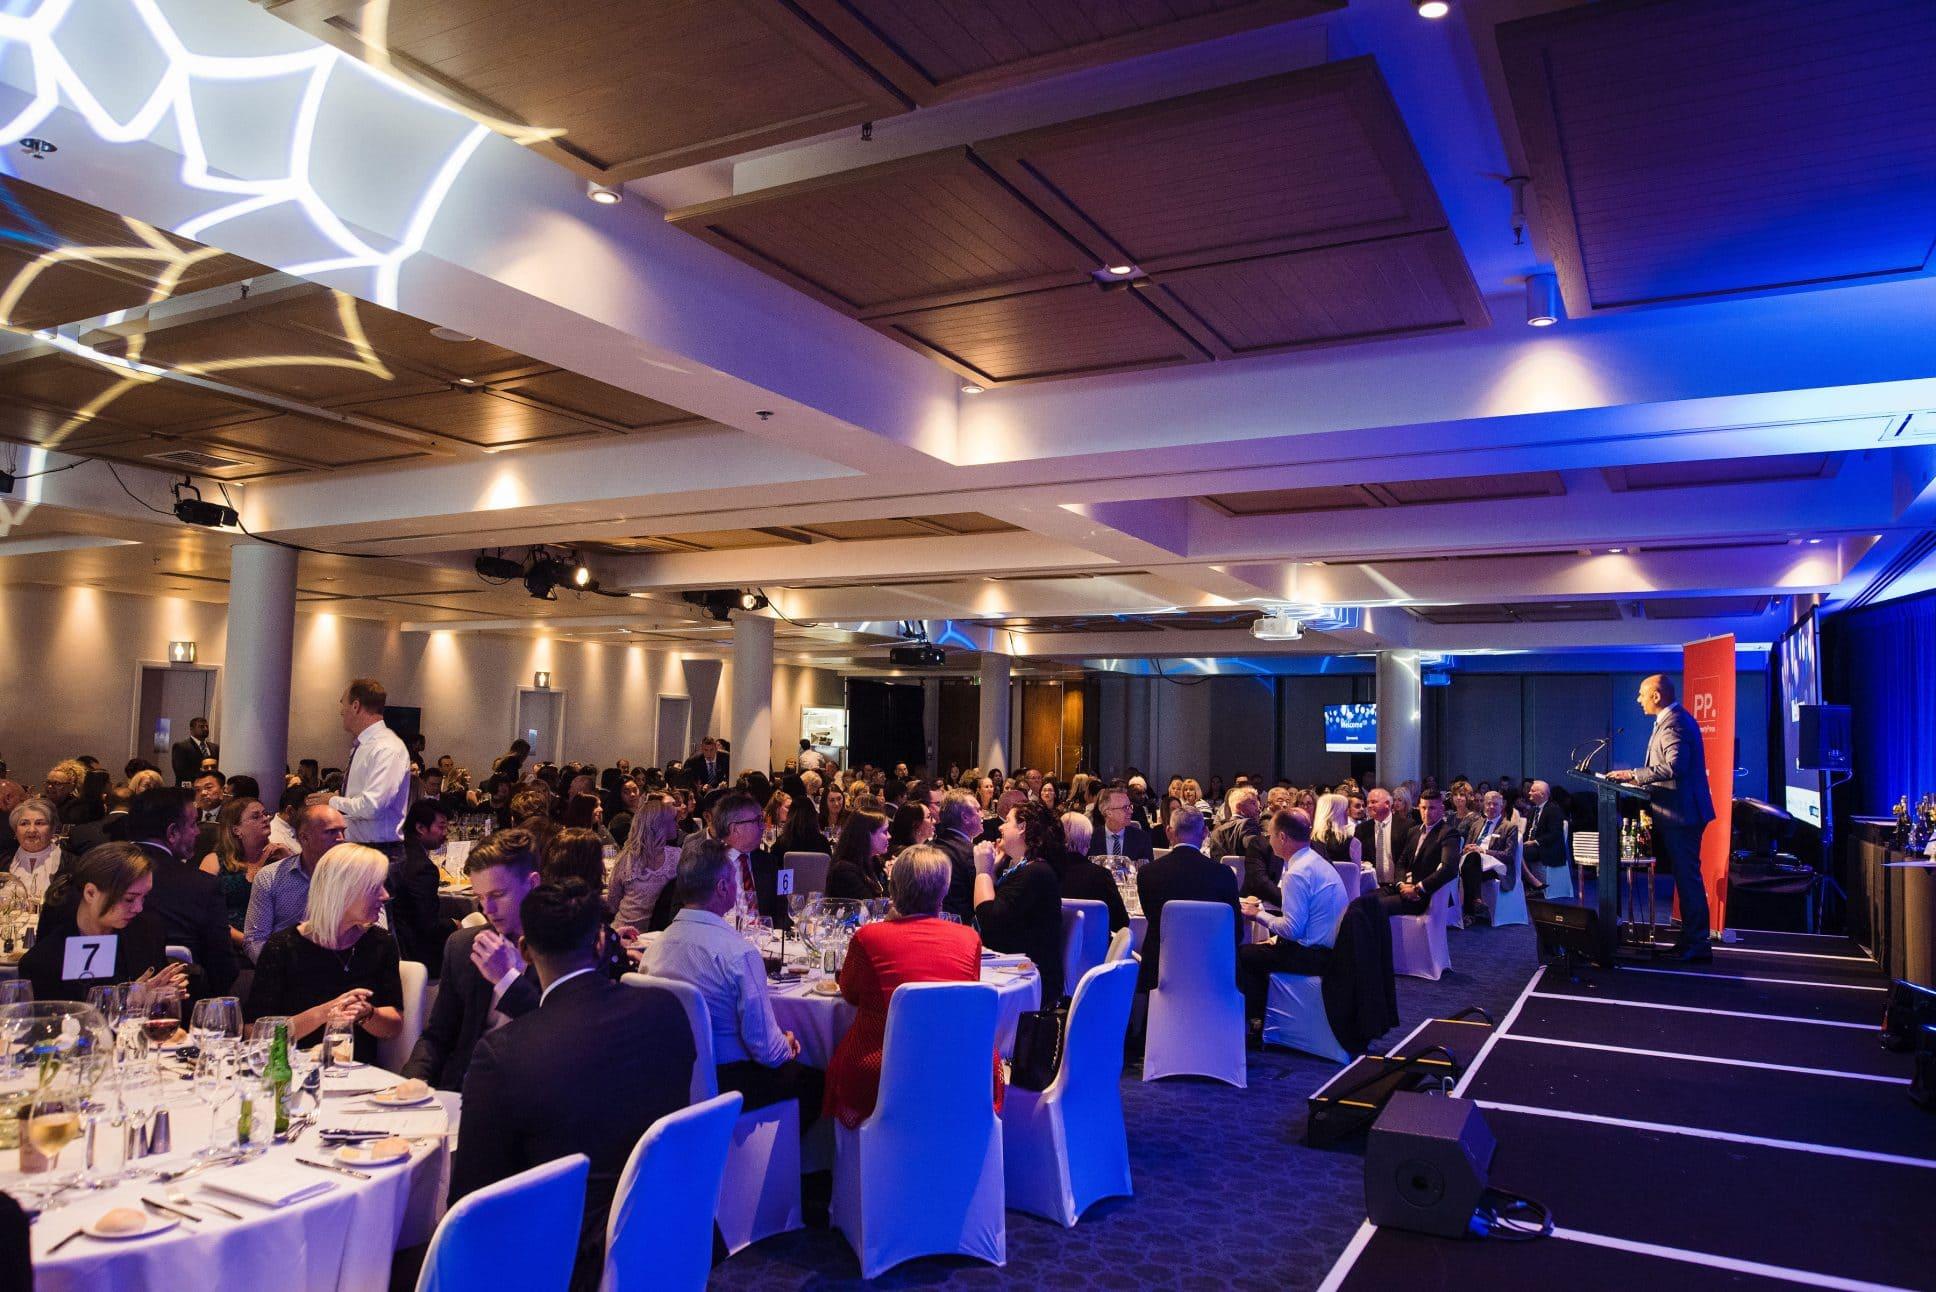 Hilton Auckland gala dinner event.